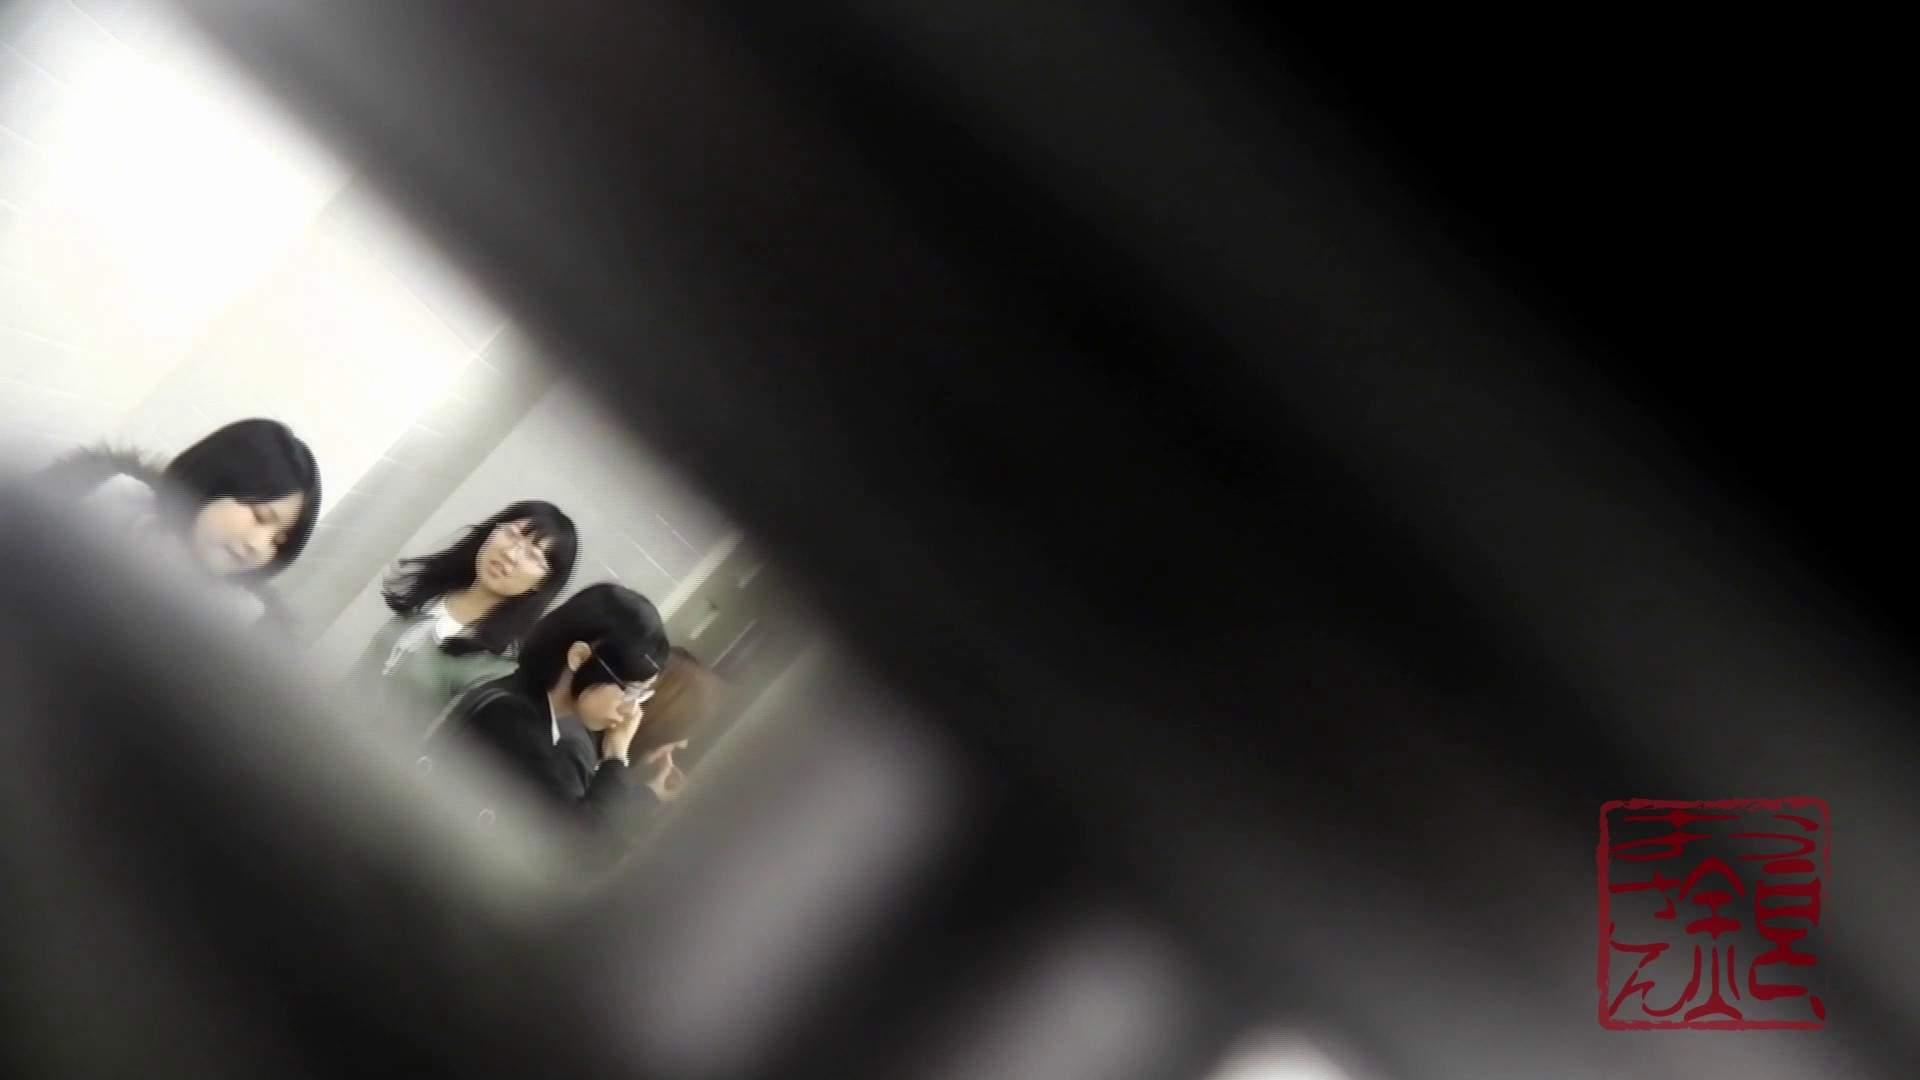 お銀 vol.81 必見!久々の美女!そして(・。・; 高画質動画 おまんこ動画流出 39画像 30